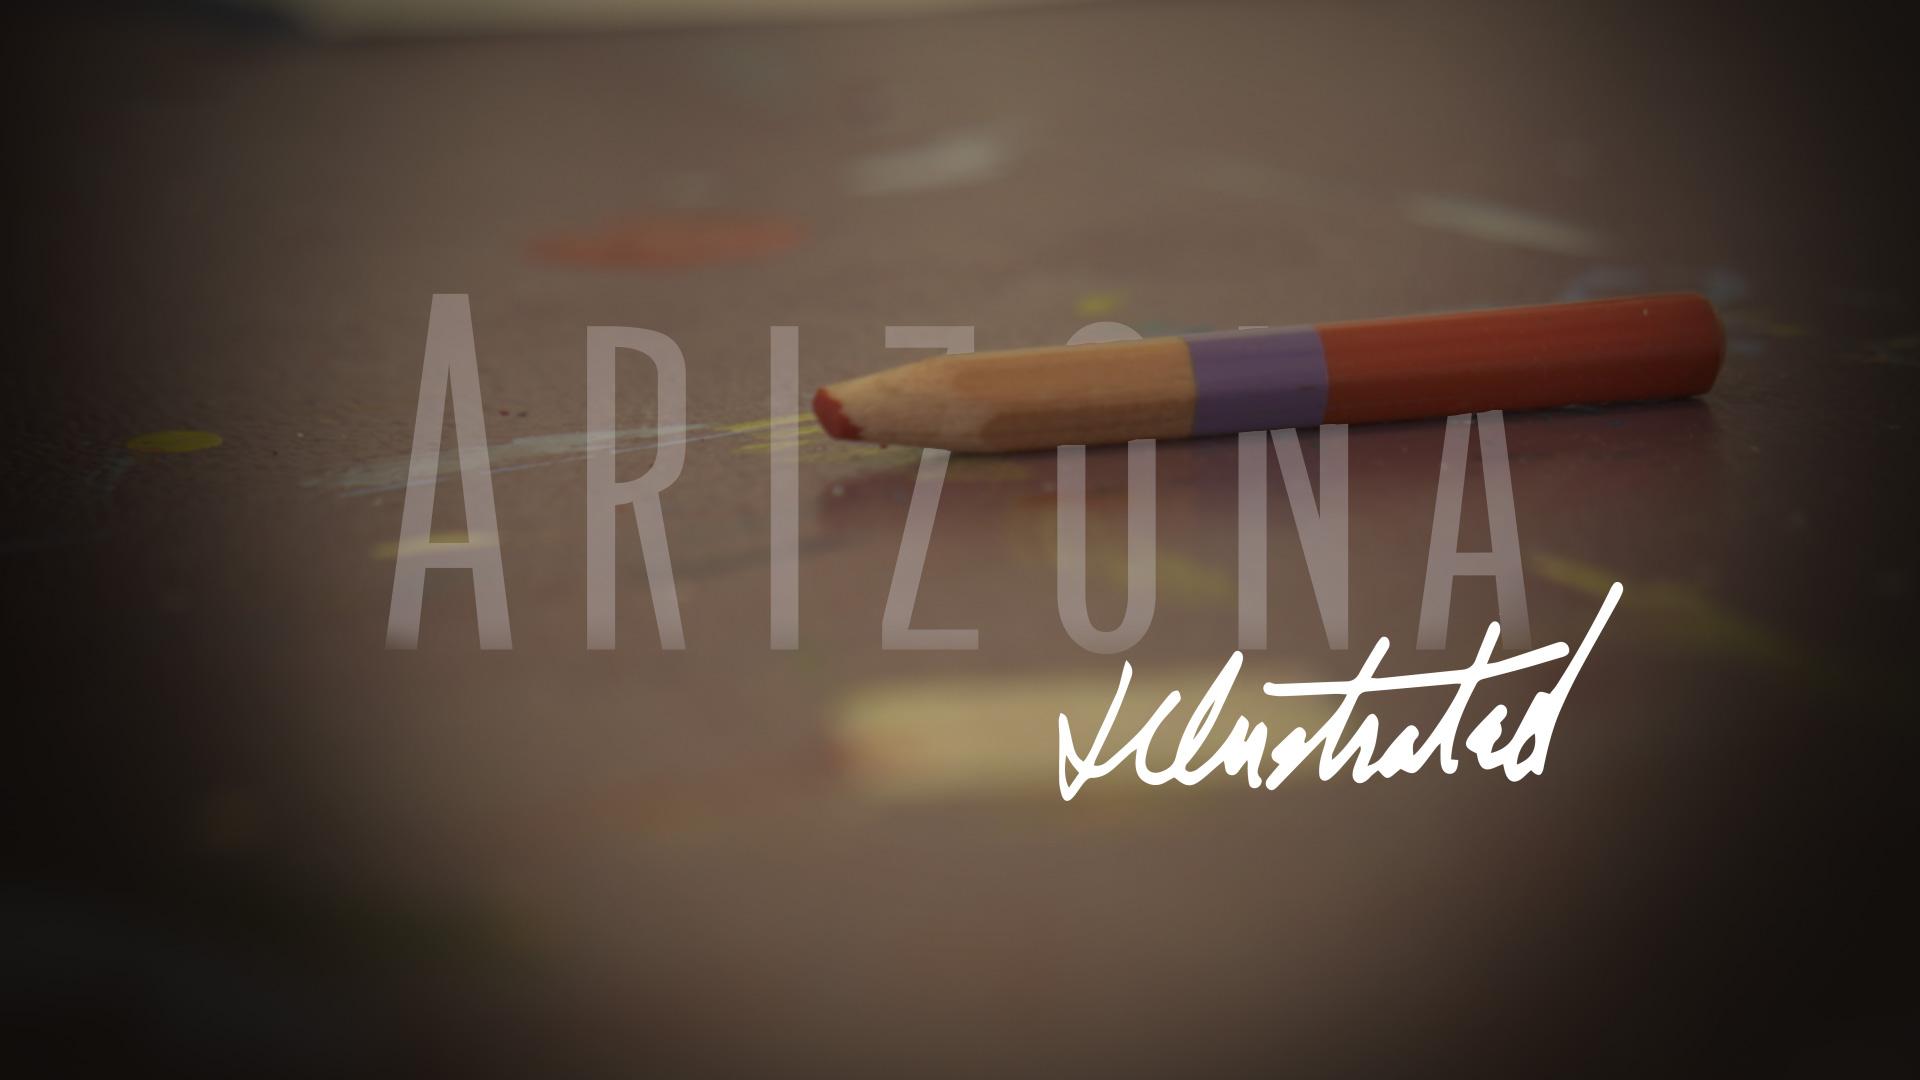 Arizona Illustrated Episode 607